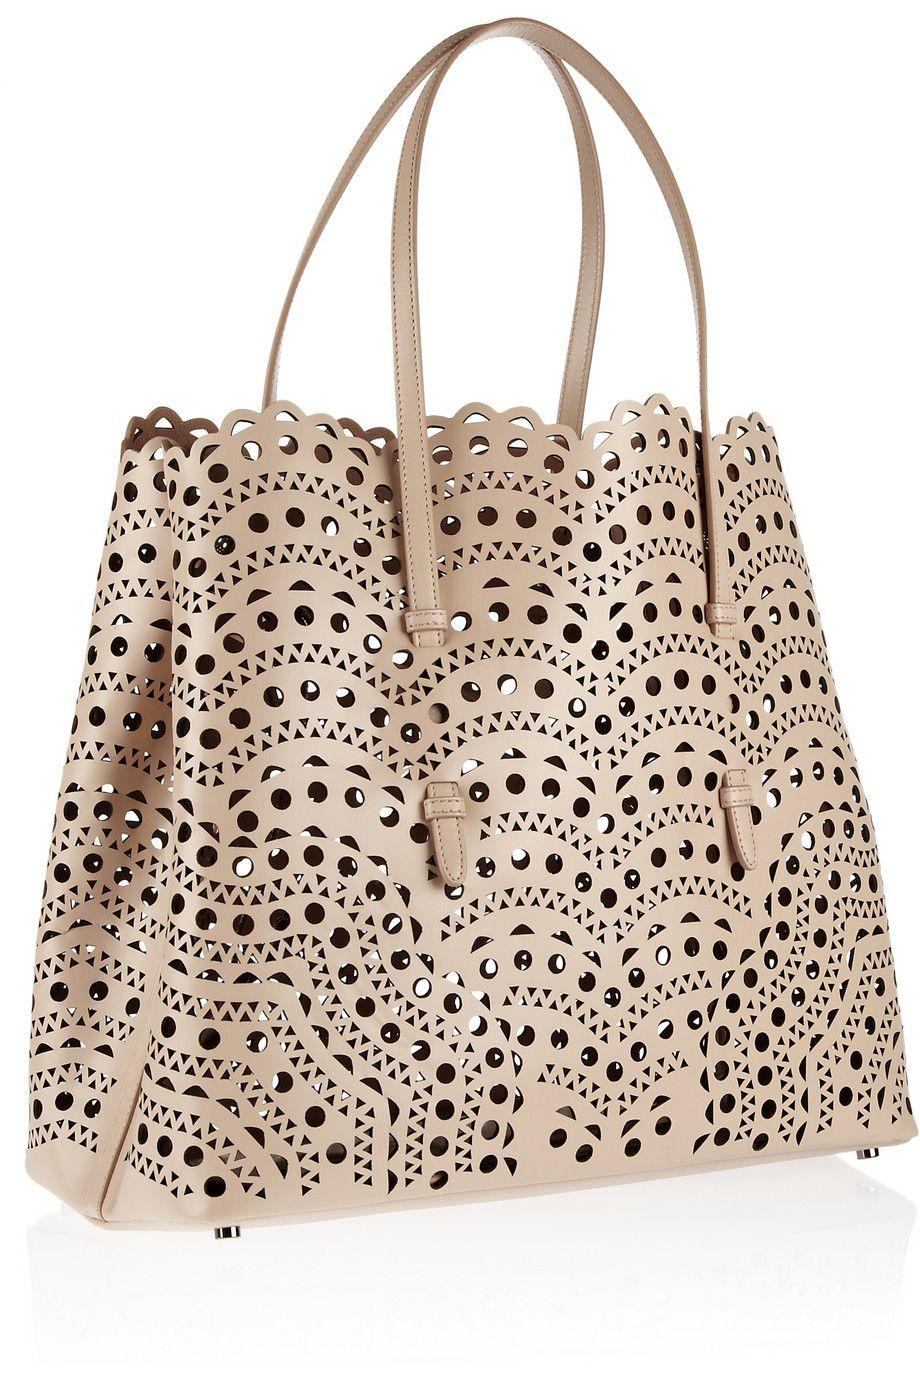 eedb2908c52e Alaïa Laser-cut leather tote | Fashion | Alaia bag, Bags, Laser cut ...